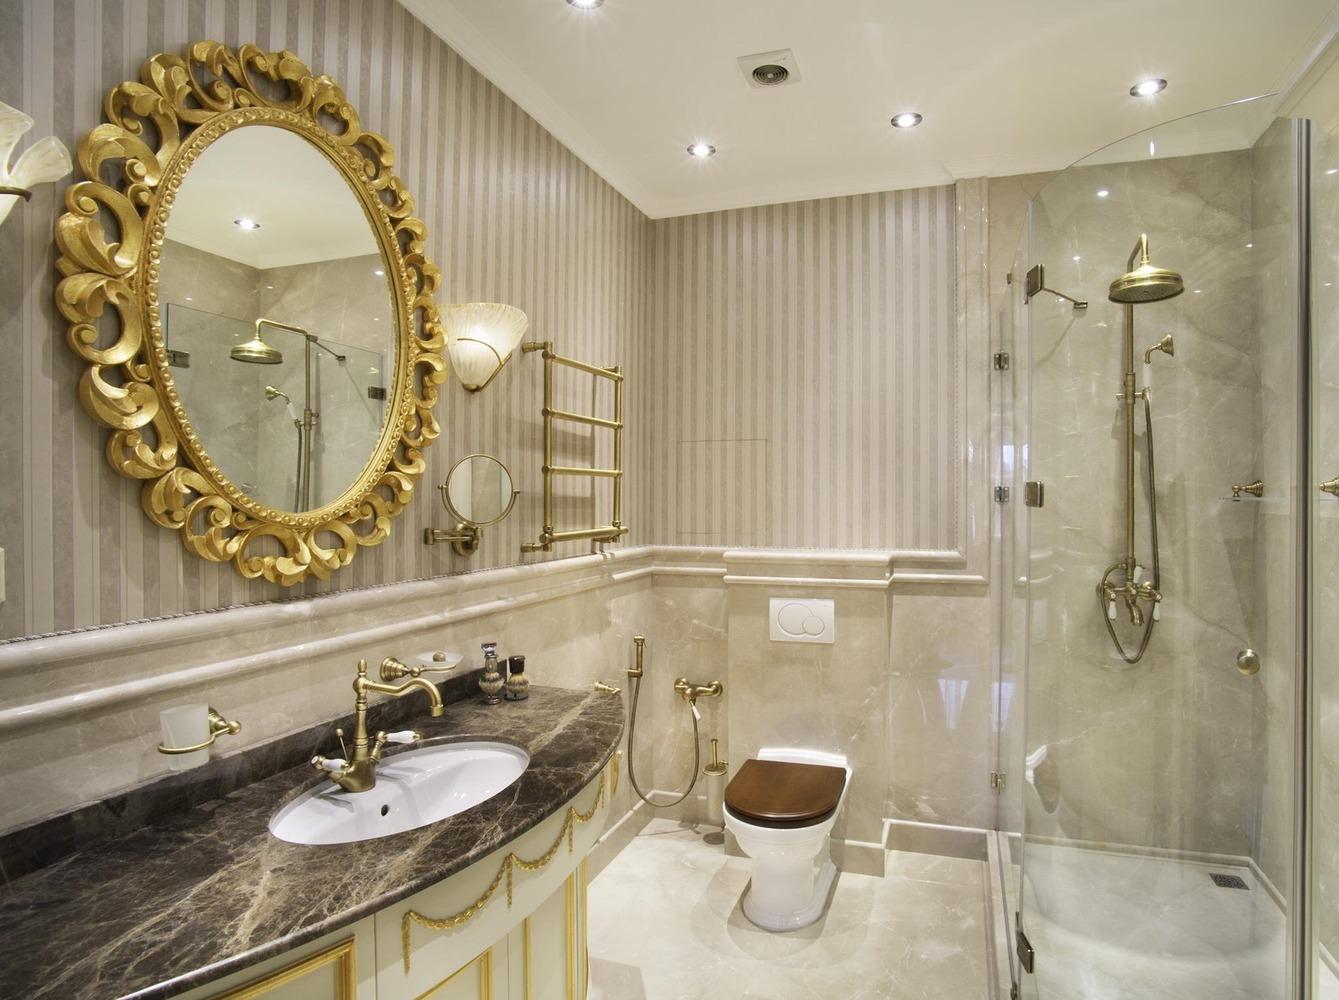 salle de bain de style classique